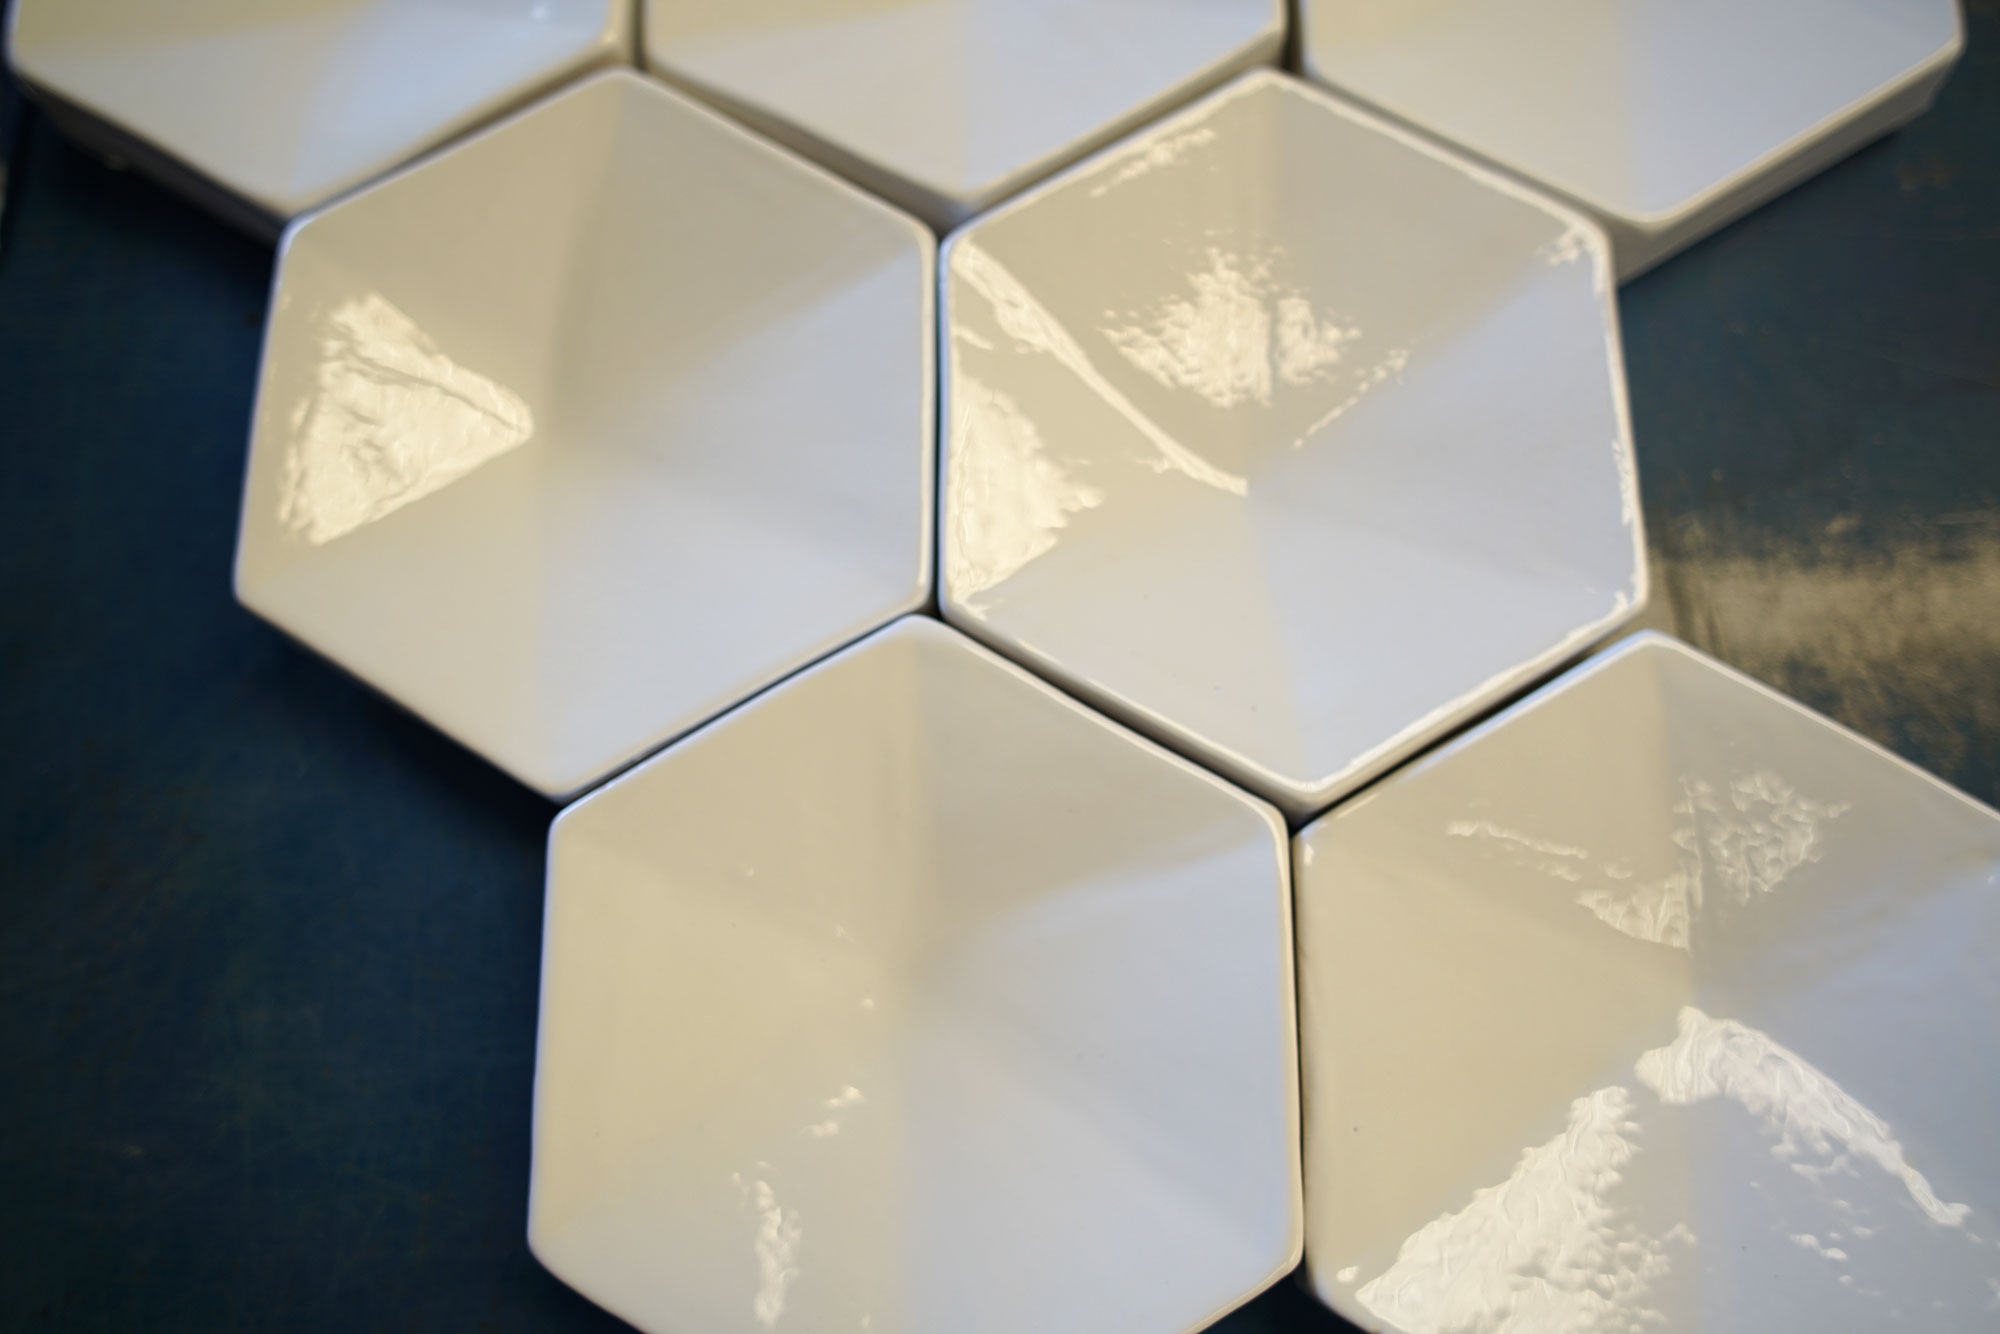 azulejos decorativos rombos - Azulejos Decorativos